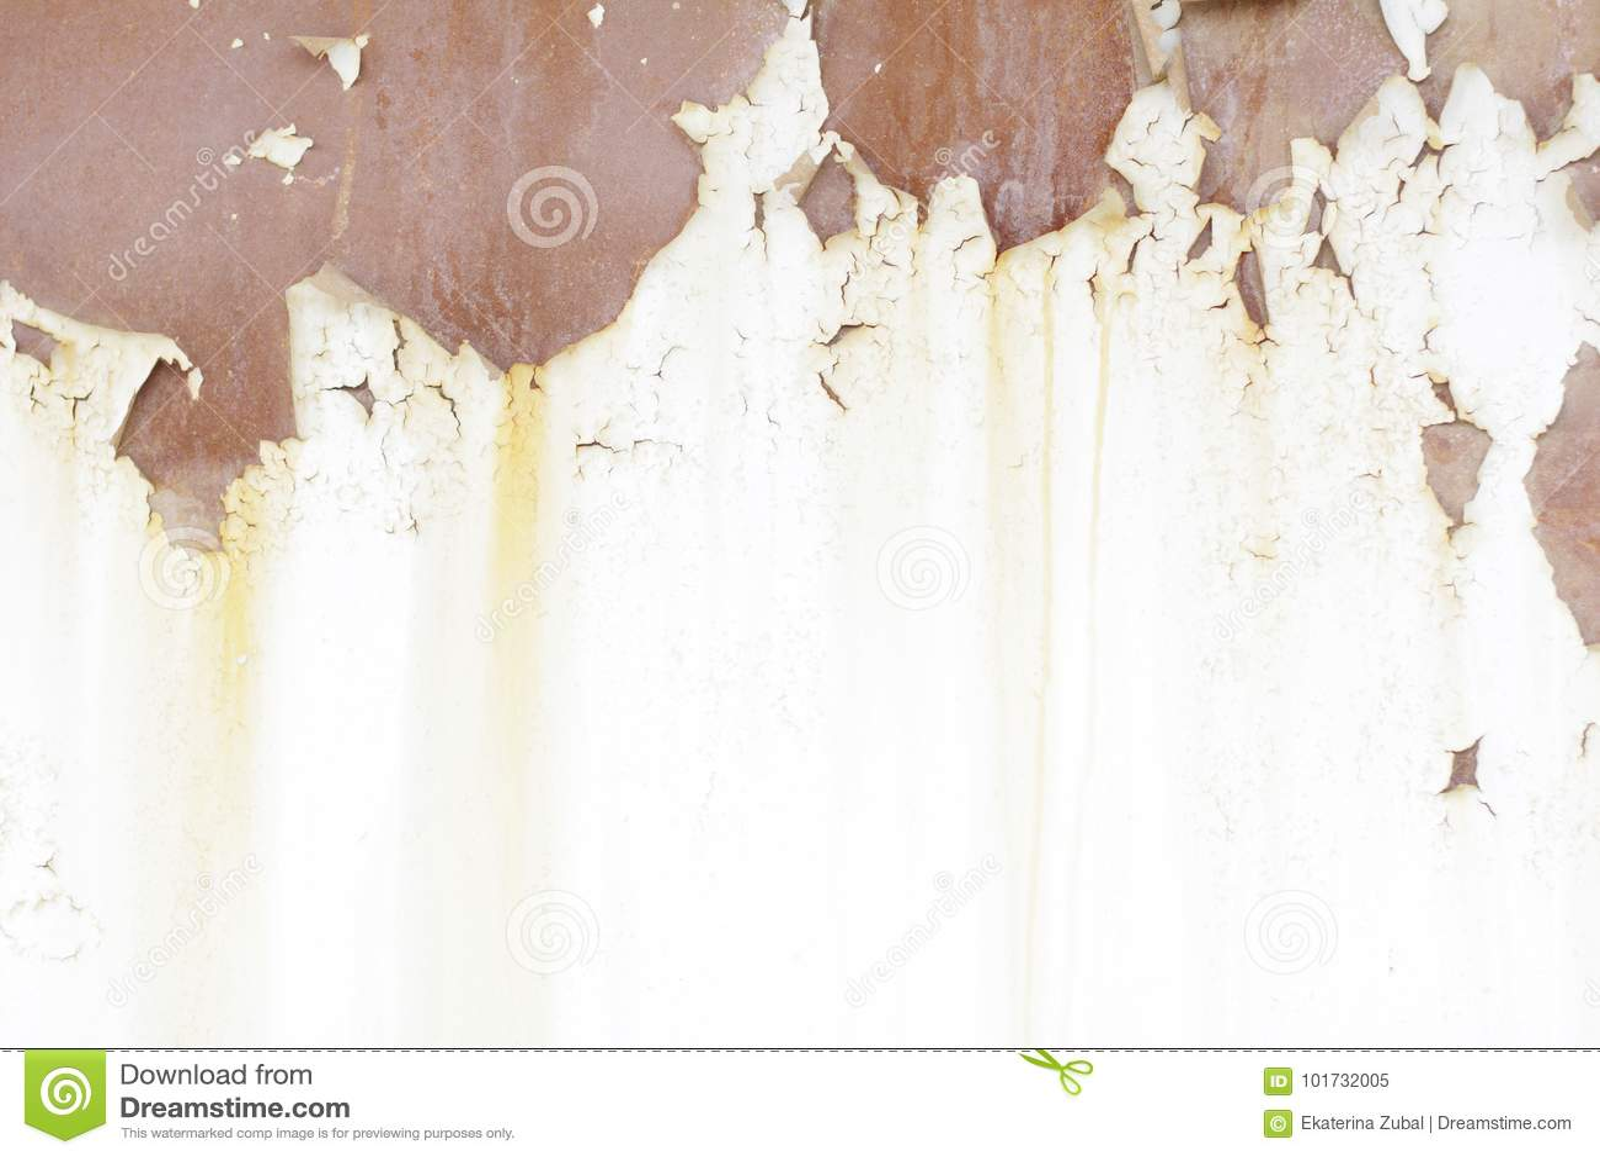 white garage door texture. Metallic Old Wall. Garage Door. Texture. Grunge Style Background. Peeling Paint, Rust, White And Brown Tones Door Texture